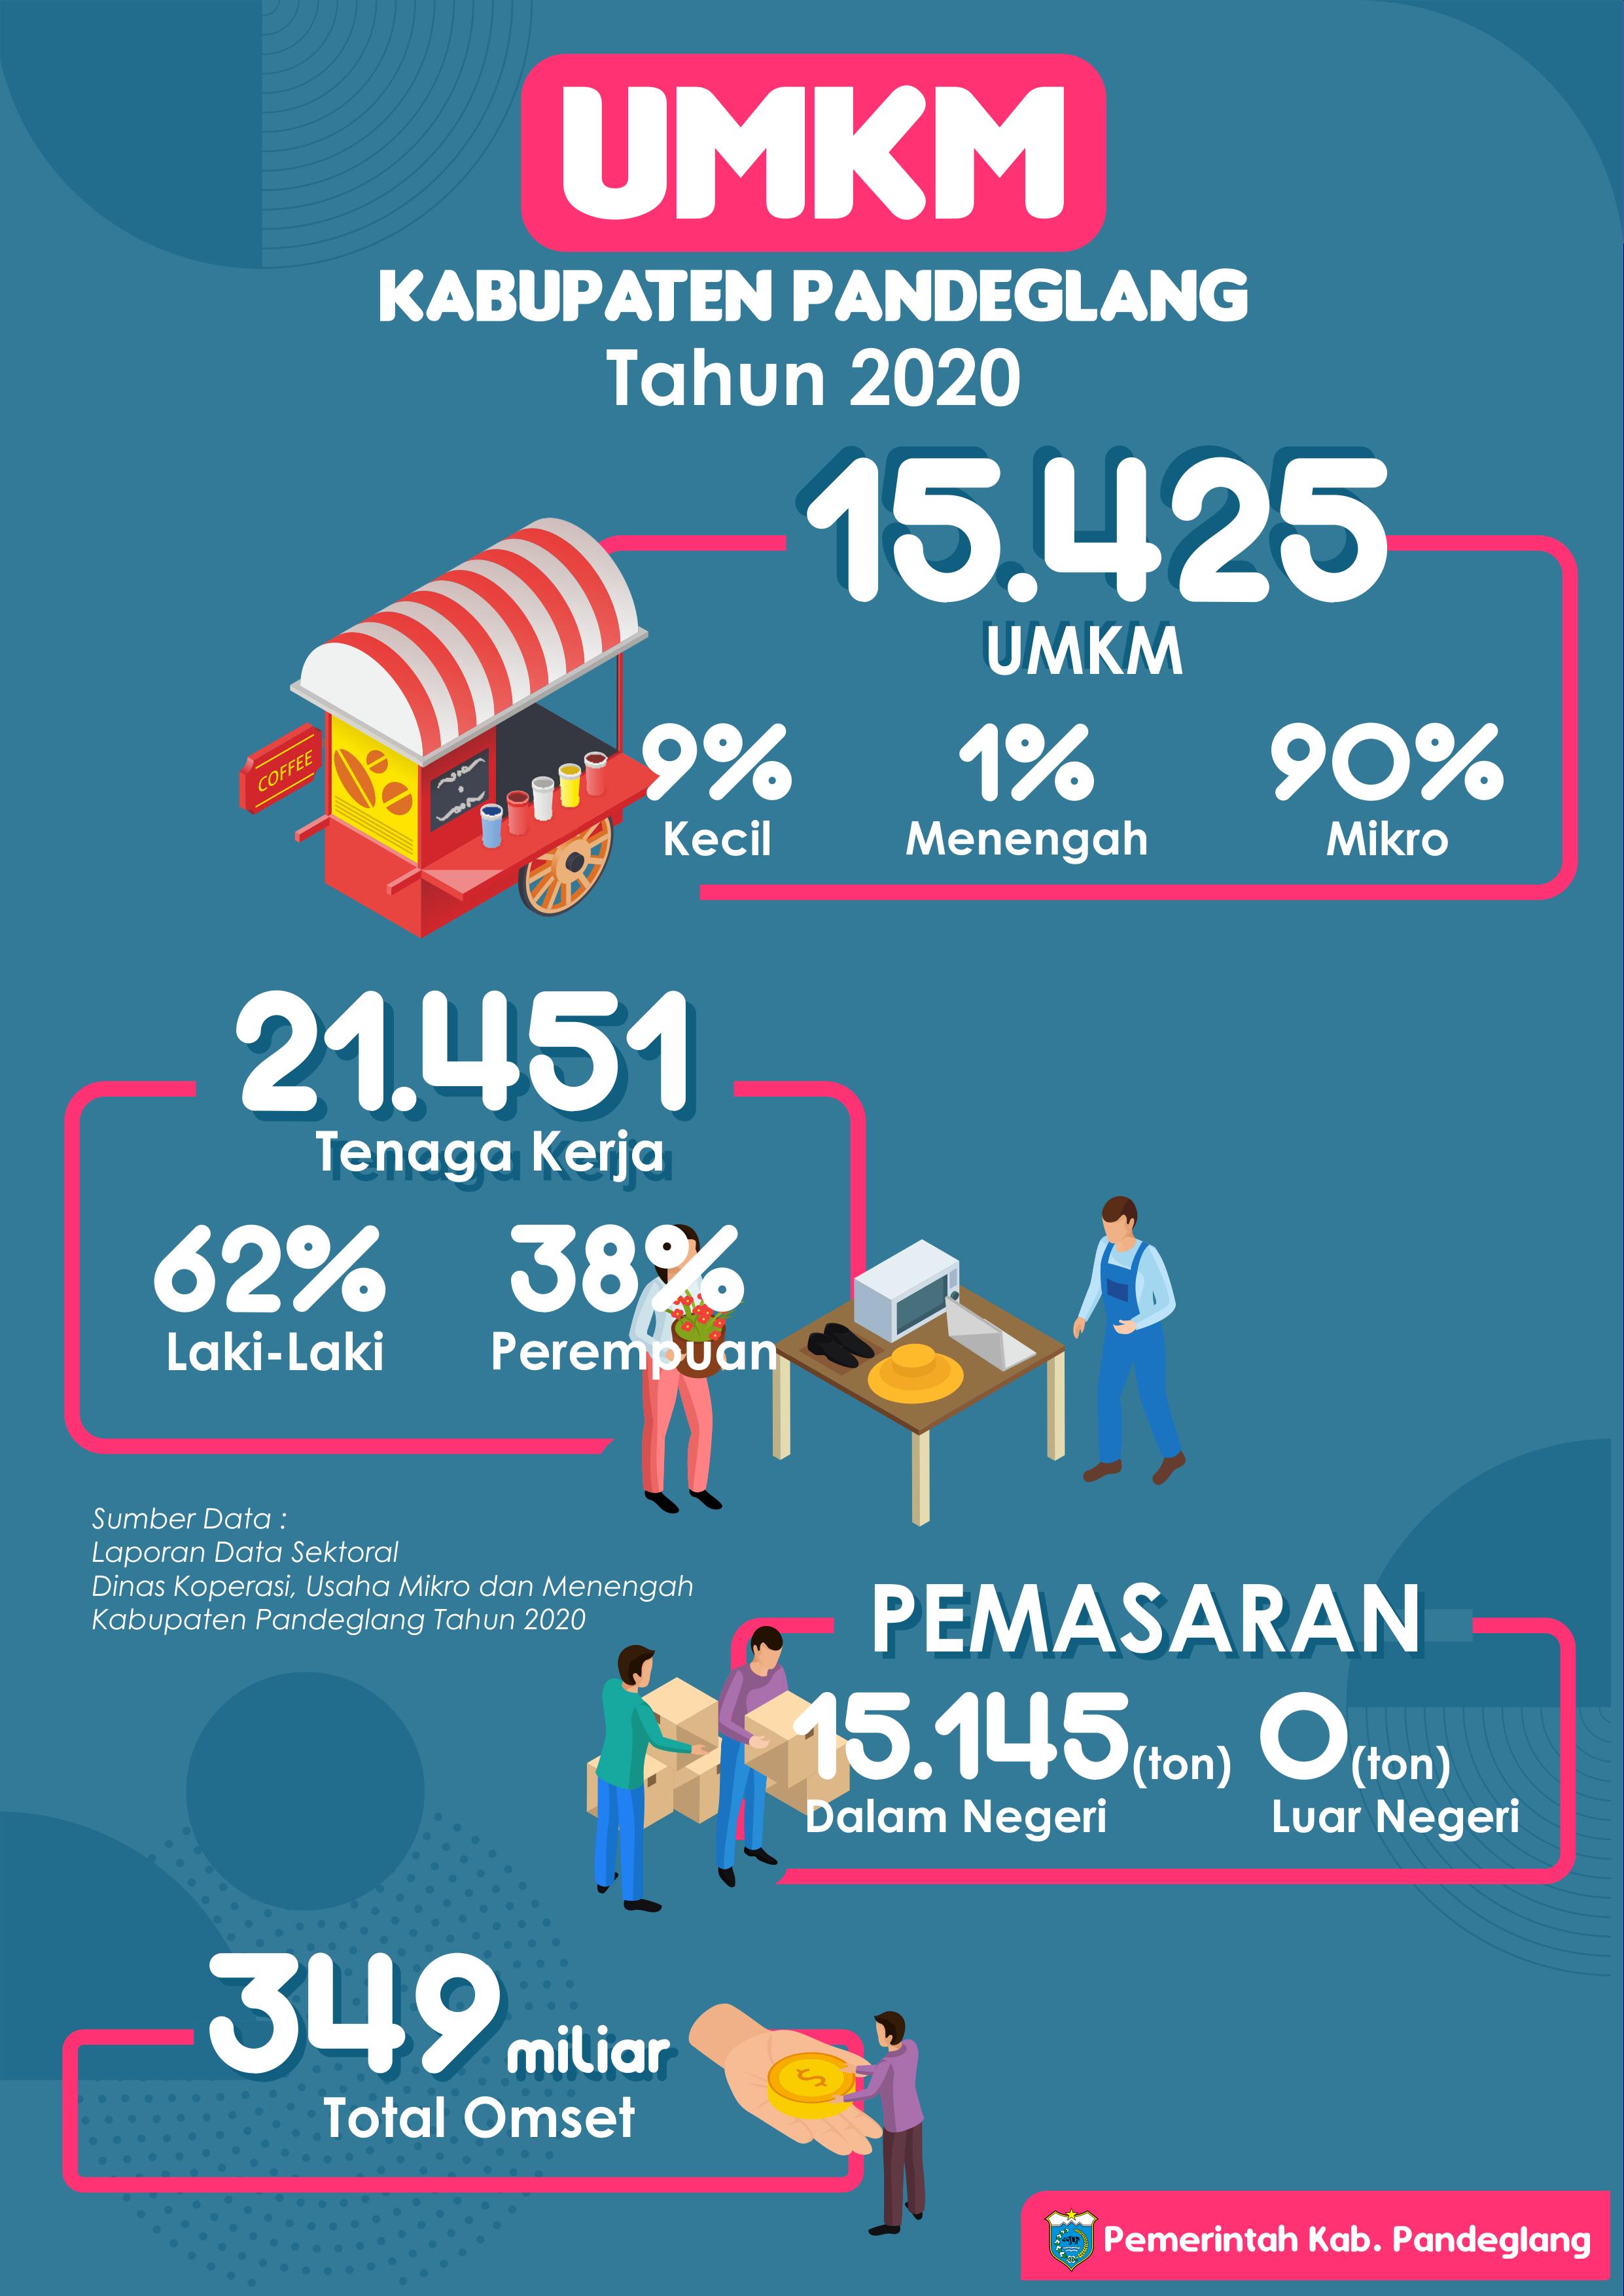 UMKM Kabupaten Pandeglang Tahun 2020